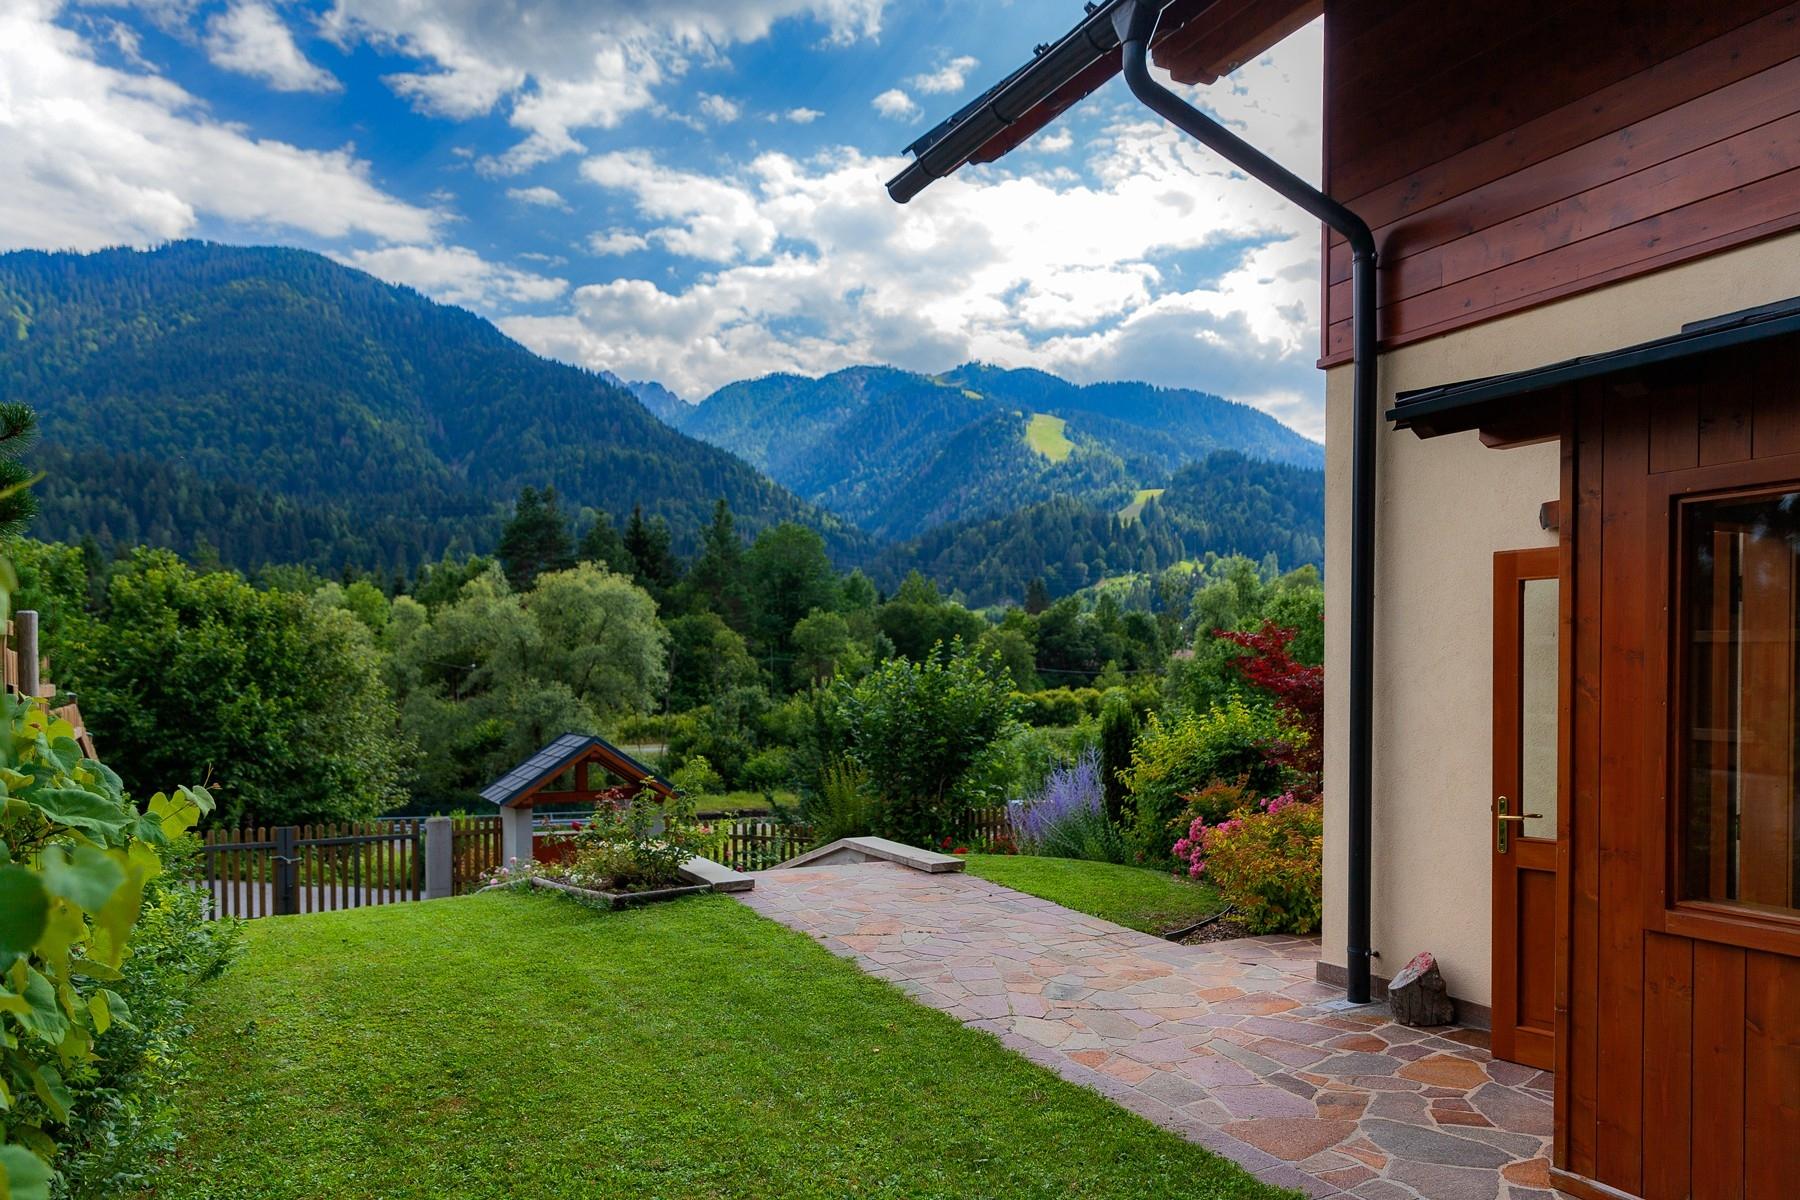 Casa indipendente in Vendita a Tarvisio: 5 locali, 300 mq - Foto 3